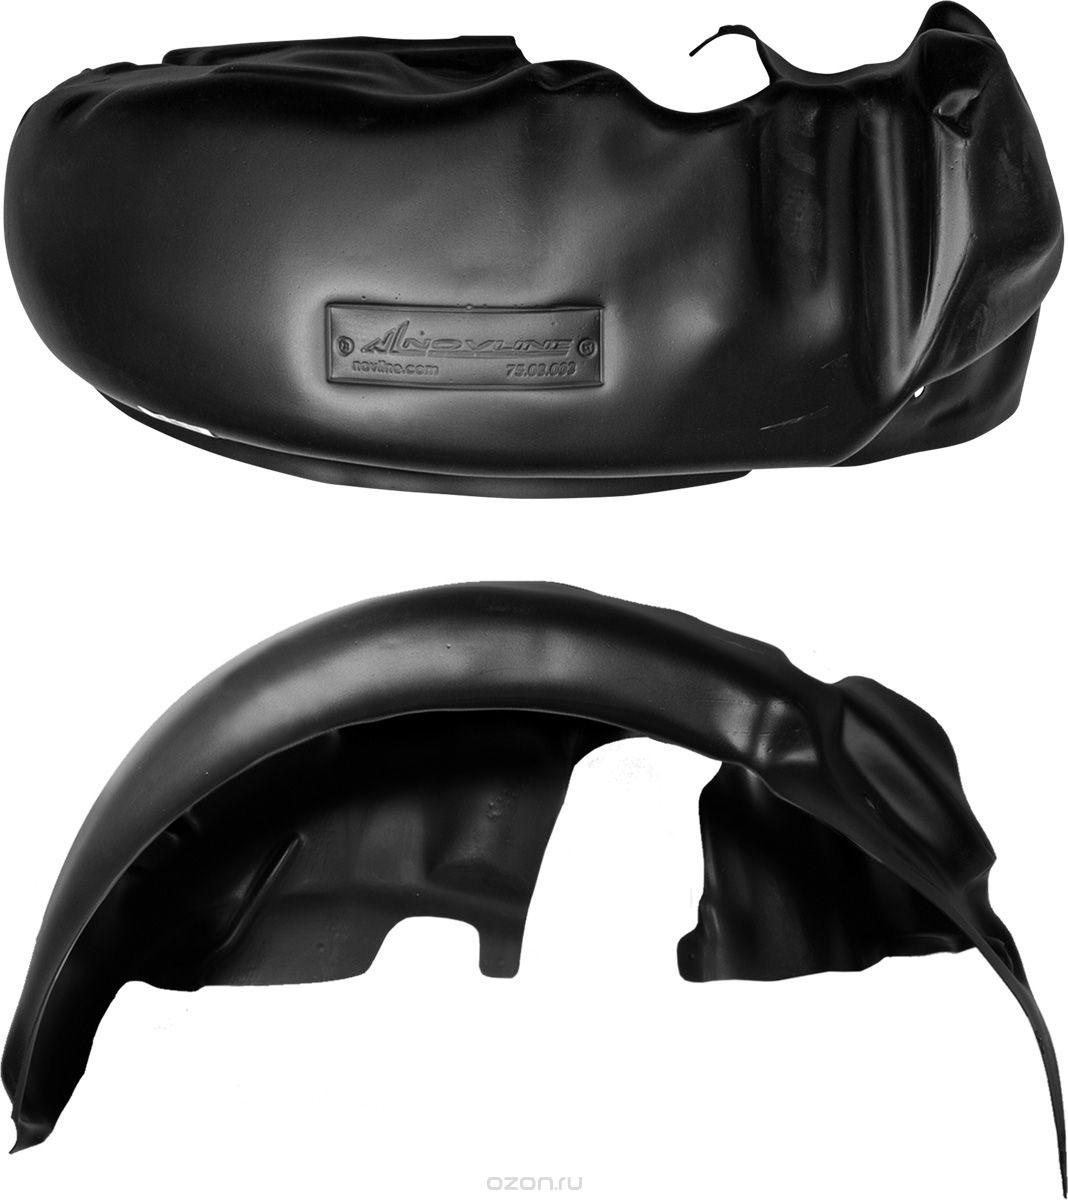 Подкрылок Novline-Autofamily, для DONGFENG H30, 03/2014->, Хэтчбек, передний правыйDW90Идеальная защита колесной ниши. Локеры разработаны с применением цифровых технологий, гарантируют максимальную повторяемость поверхности арки. Изделия устанавливаются без нарушения лакокрасочного покрытия автомобиля, каждый подкрылок комплектуется крепежом. Уважаемые клиенты, обращаем ваше внимание, что фотографии на подкрылки универсальные и не отражают реальную форму изделия. При этом само изделие идет точно под размер указанного автомобиля.